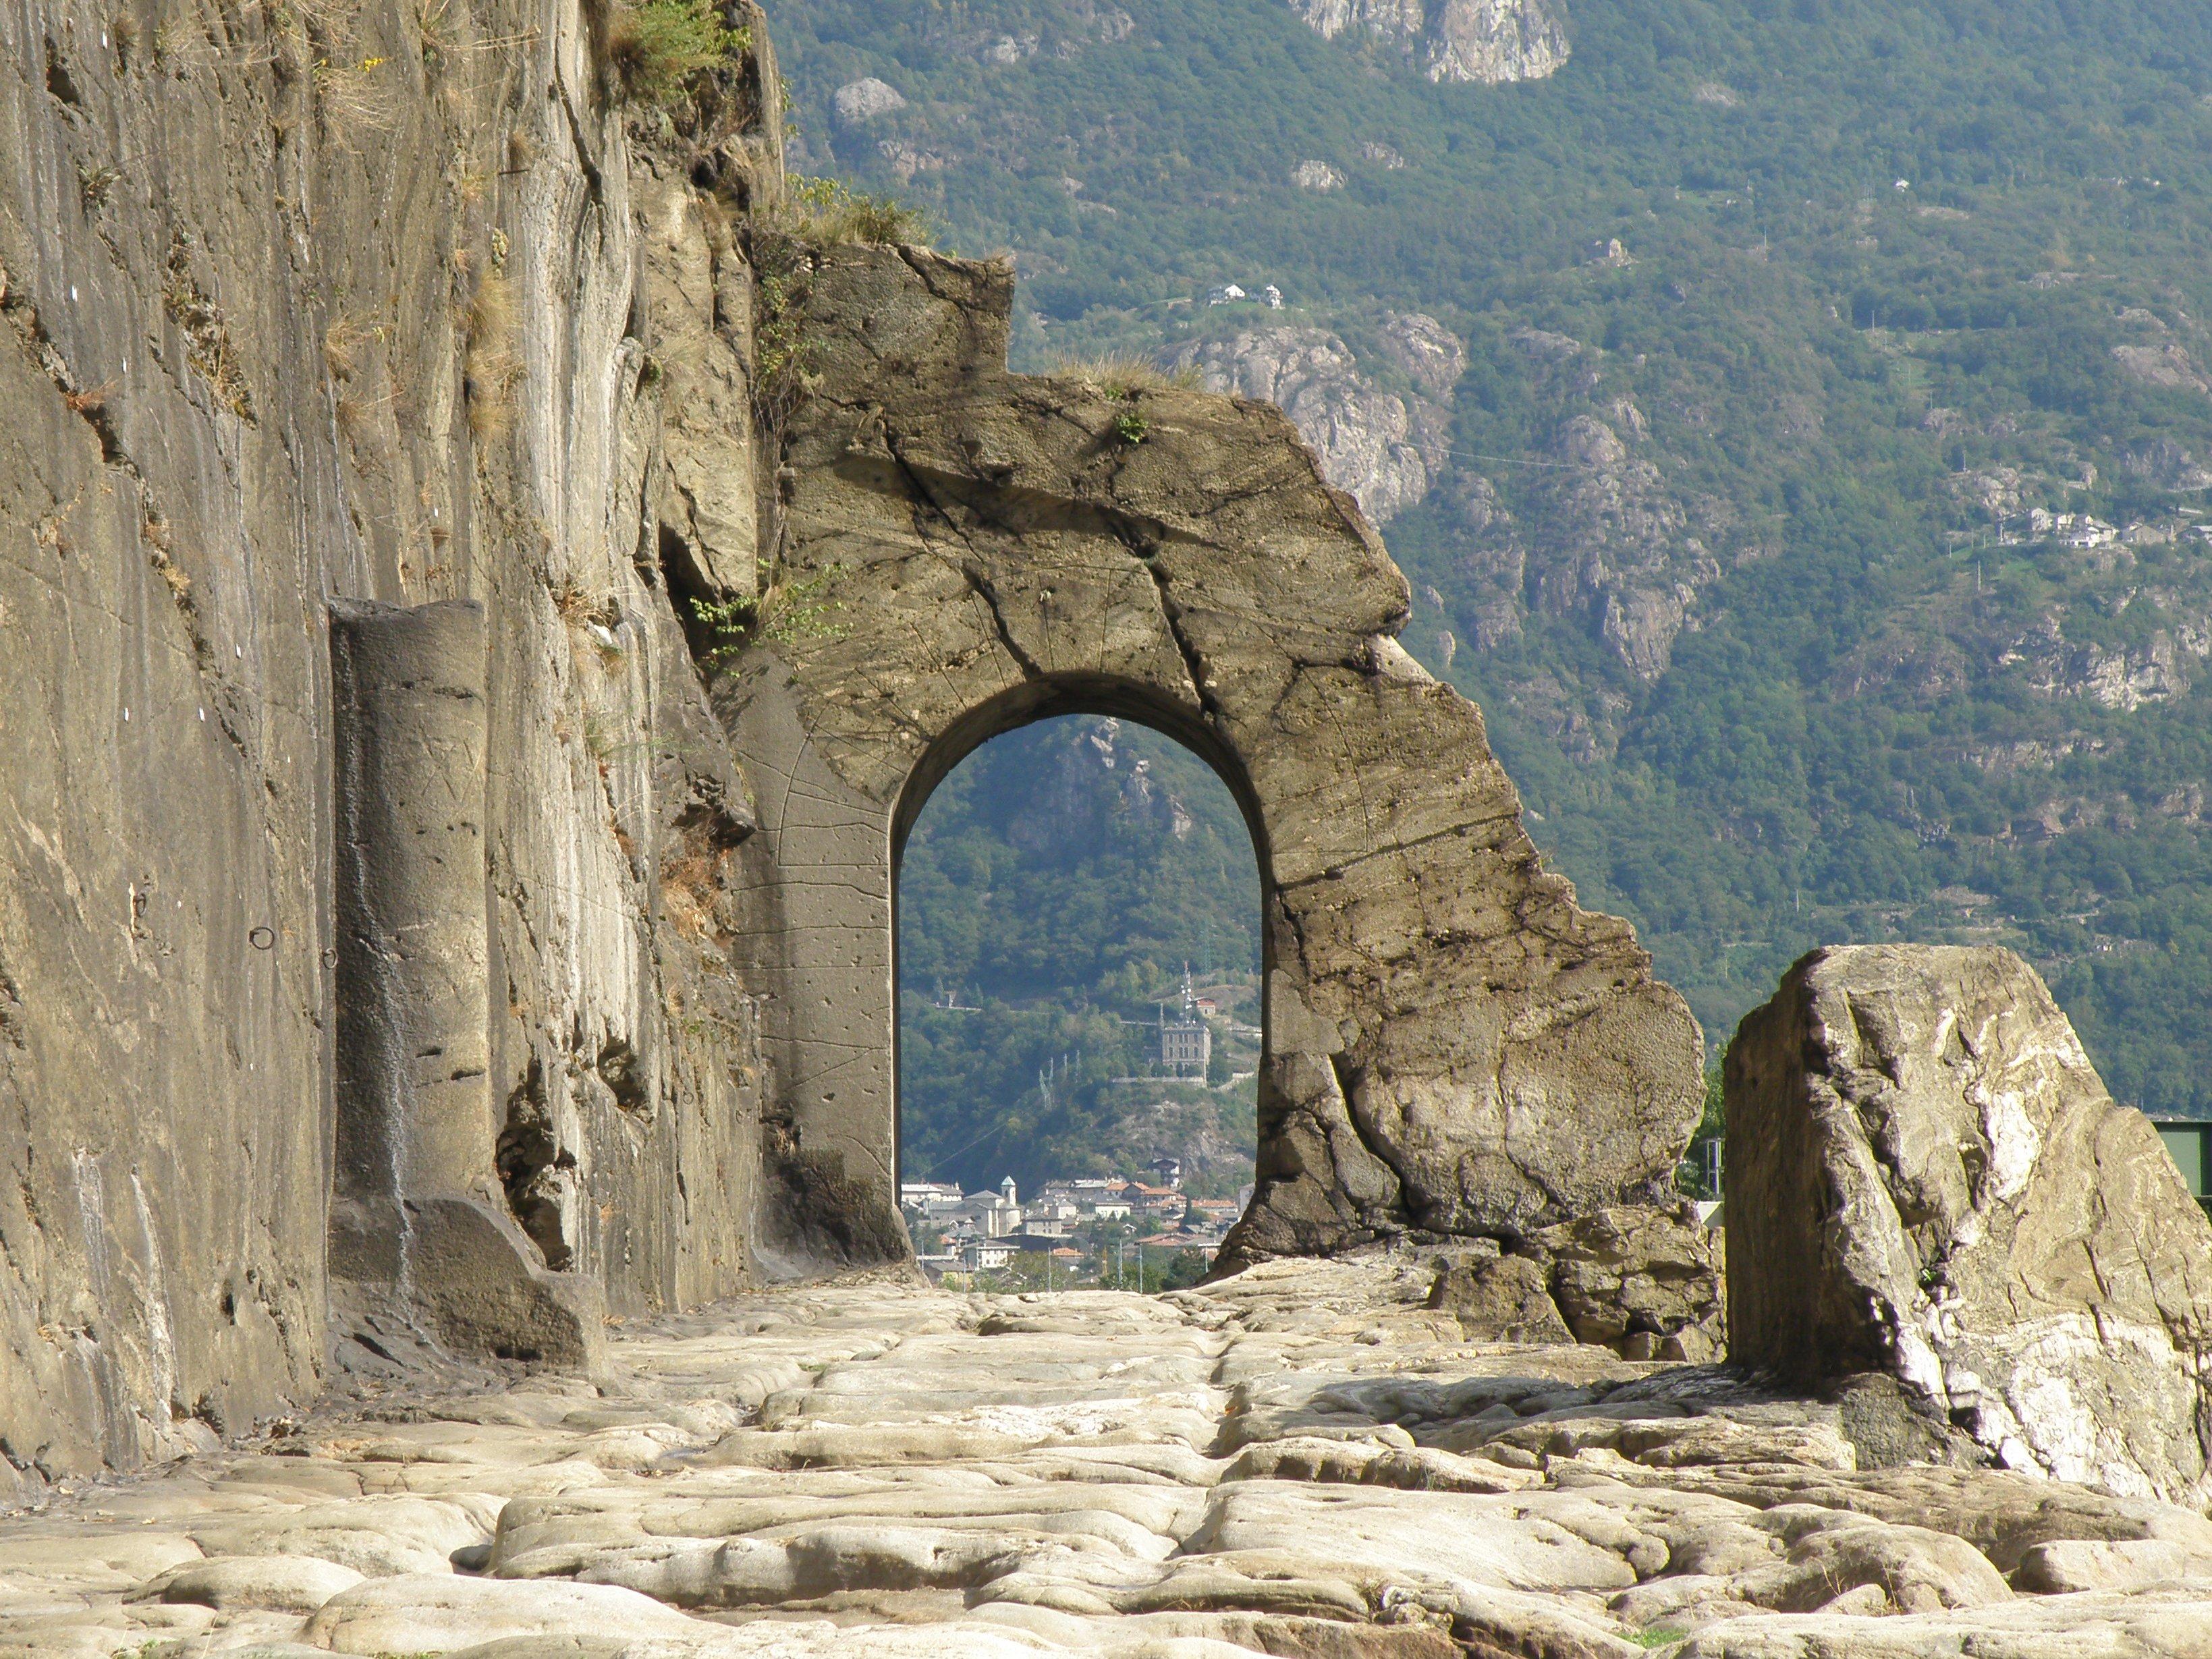 Alla scoperta della val d aosta pi antica - Le 12 tavole romane ...